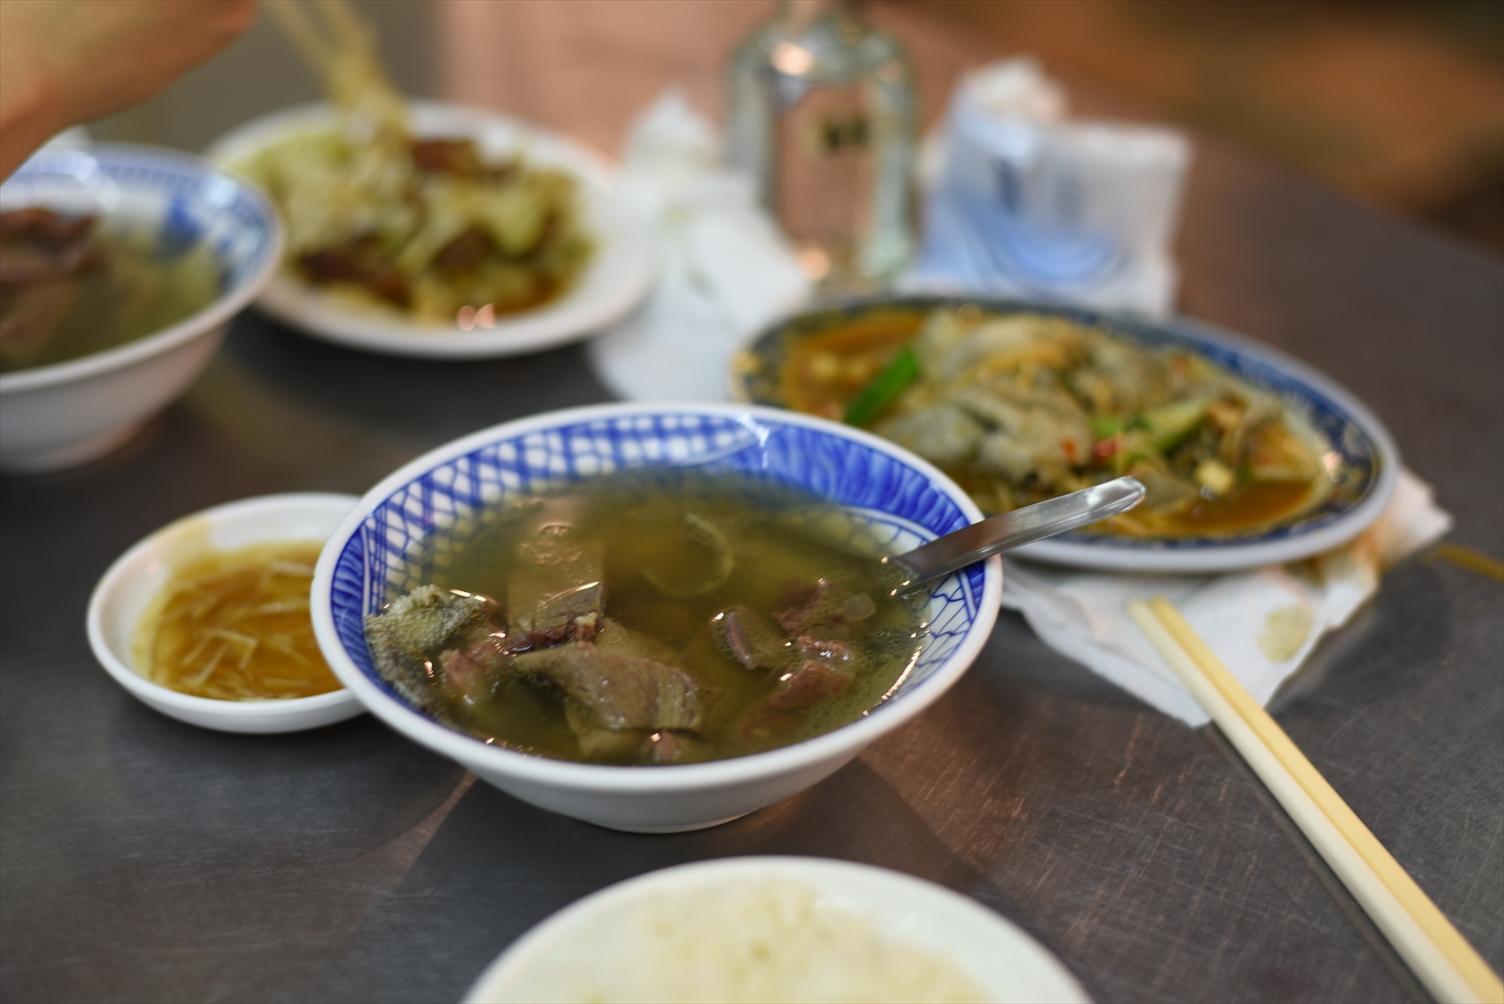 阿村第二代牛肉湯